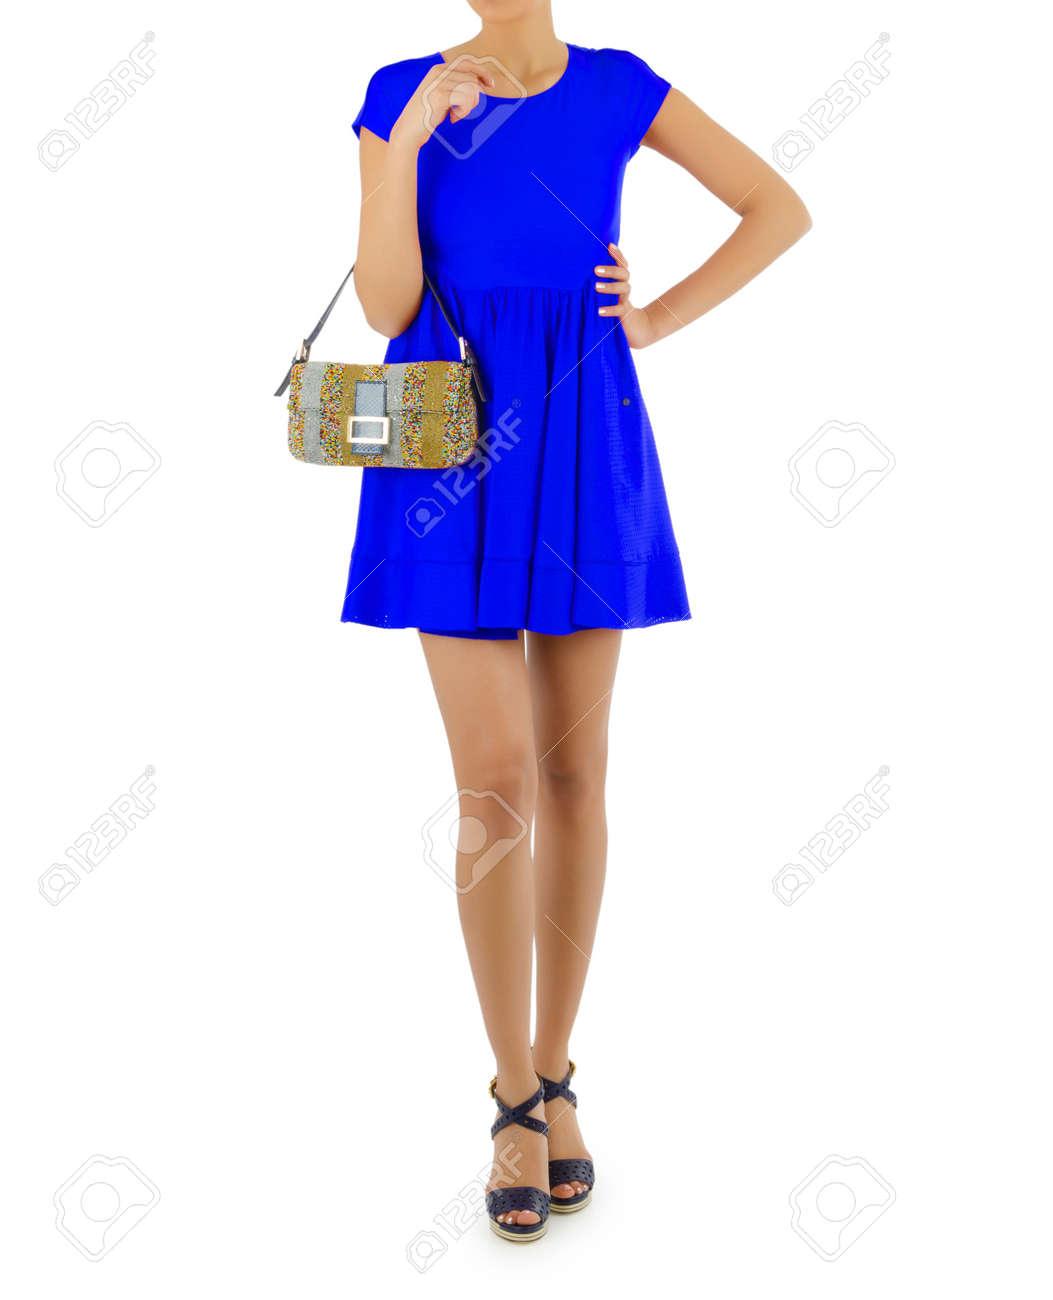 Attractive model in fashion concept Stock Photo - 15956088